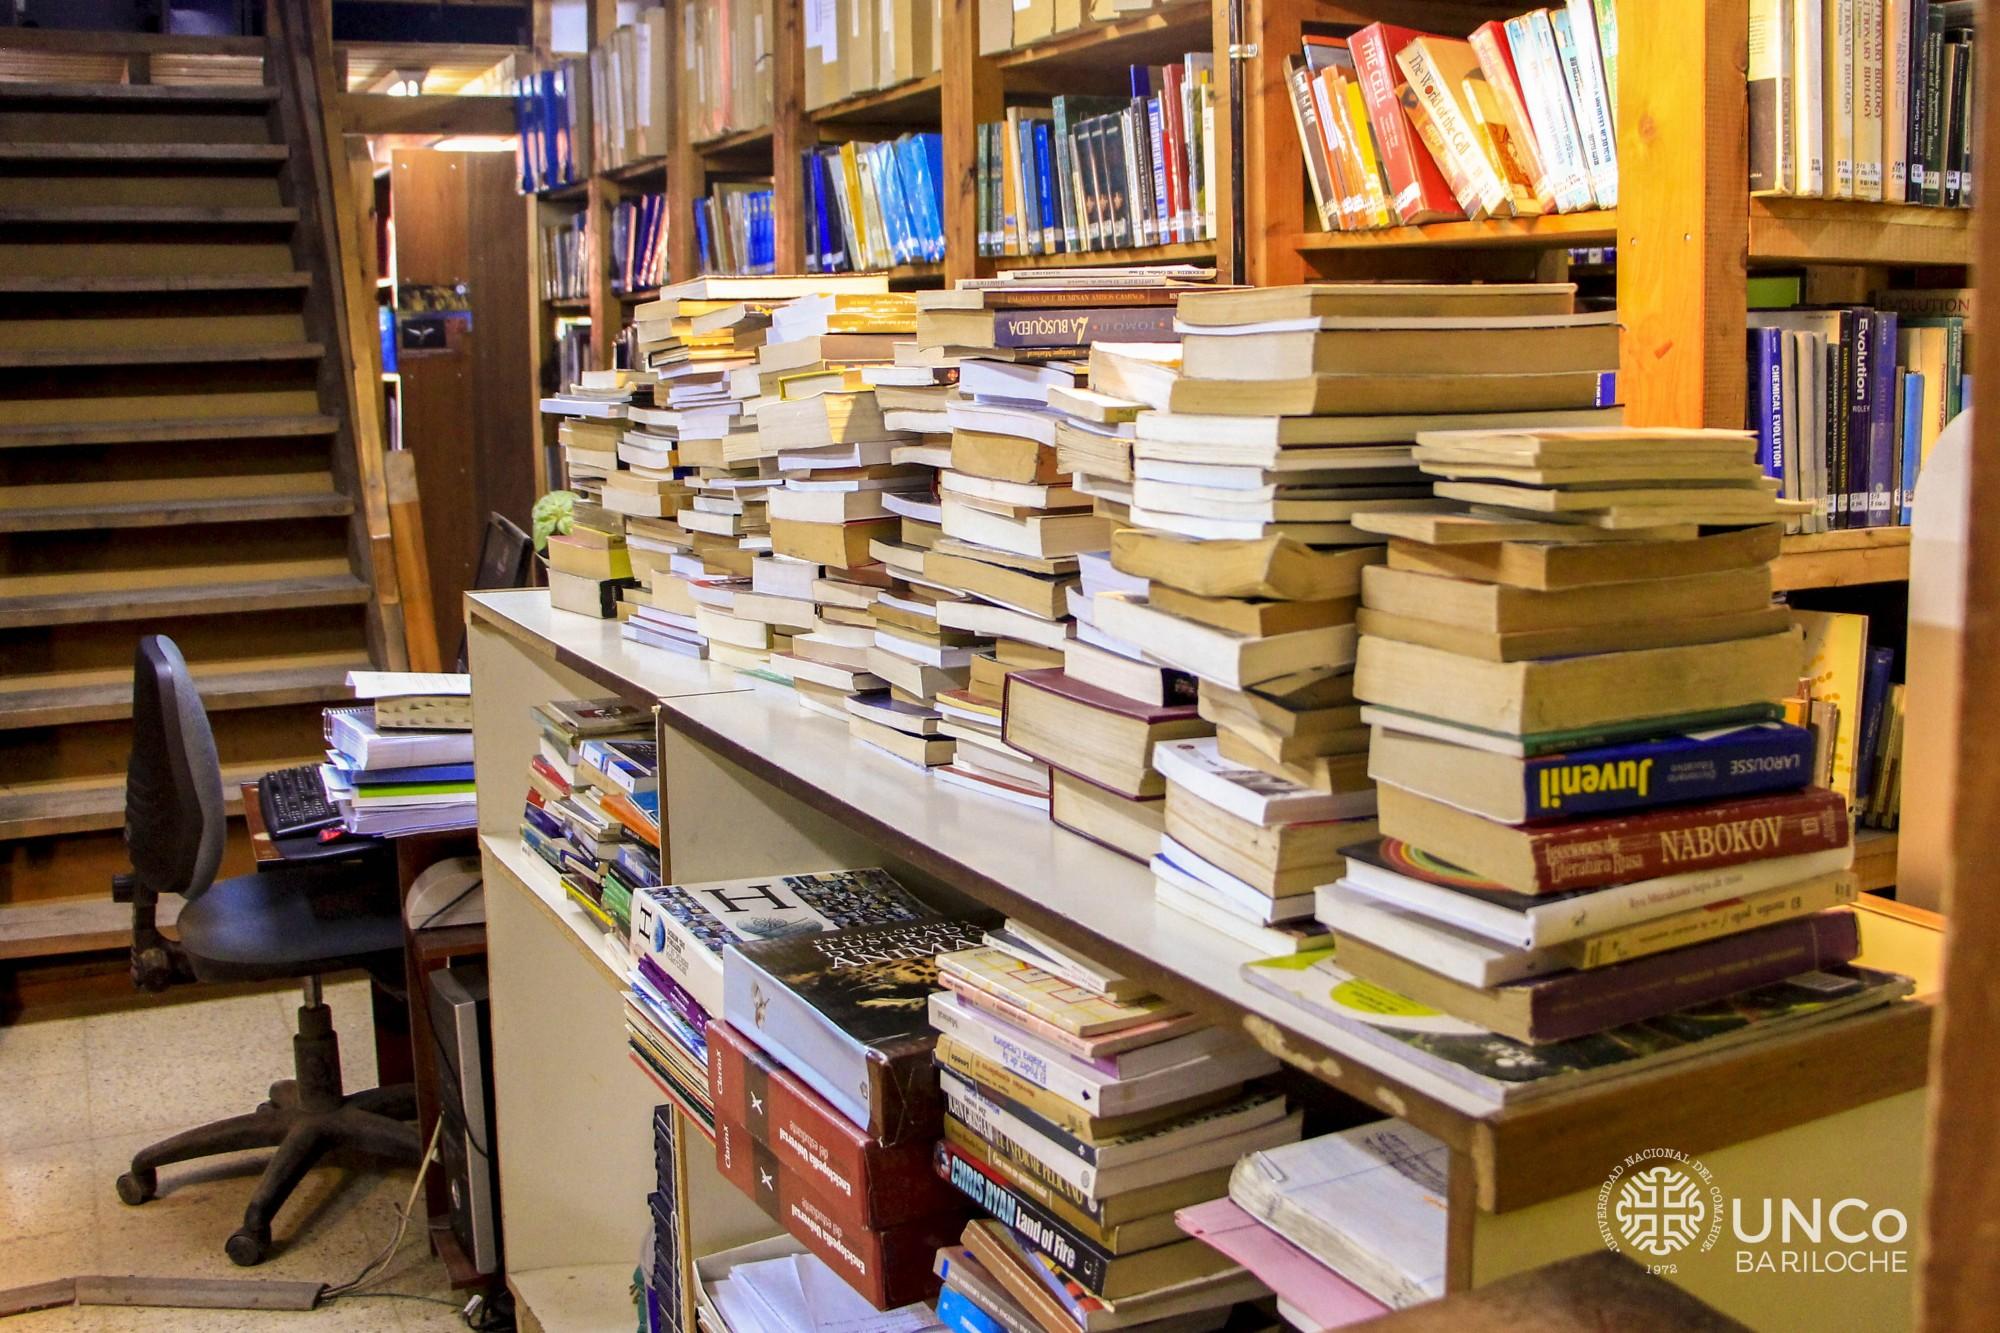 Fotos entrega libros (3 de 4)